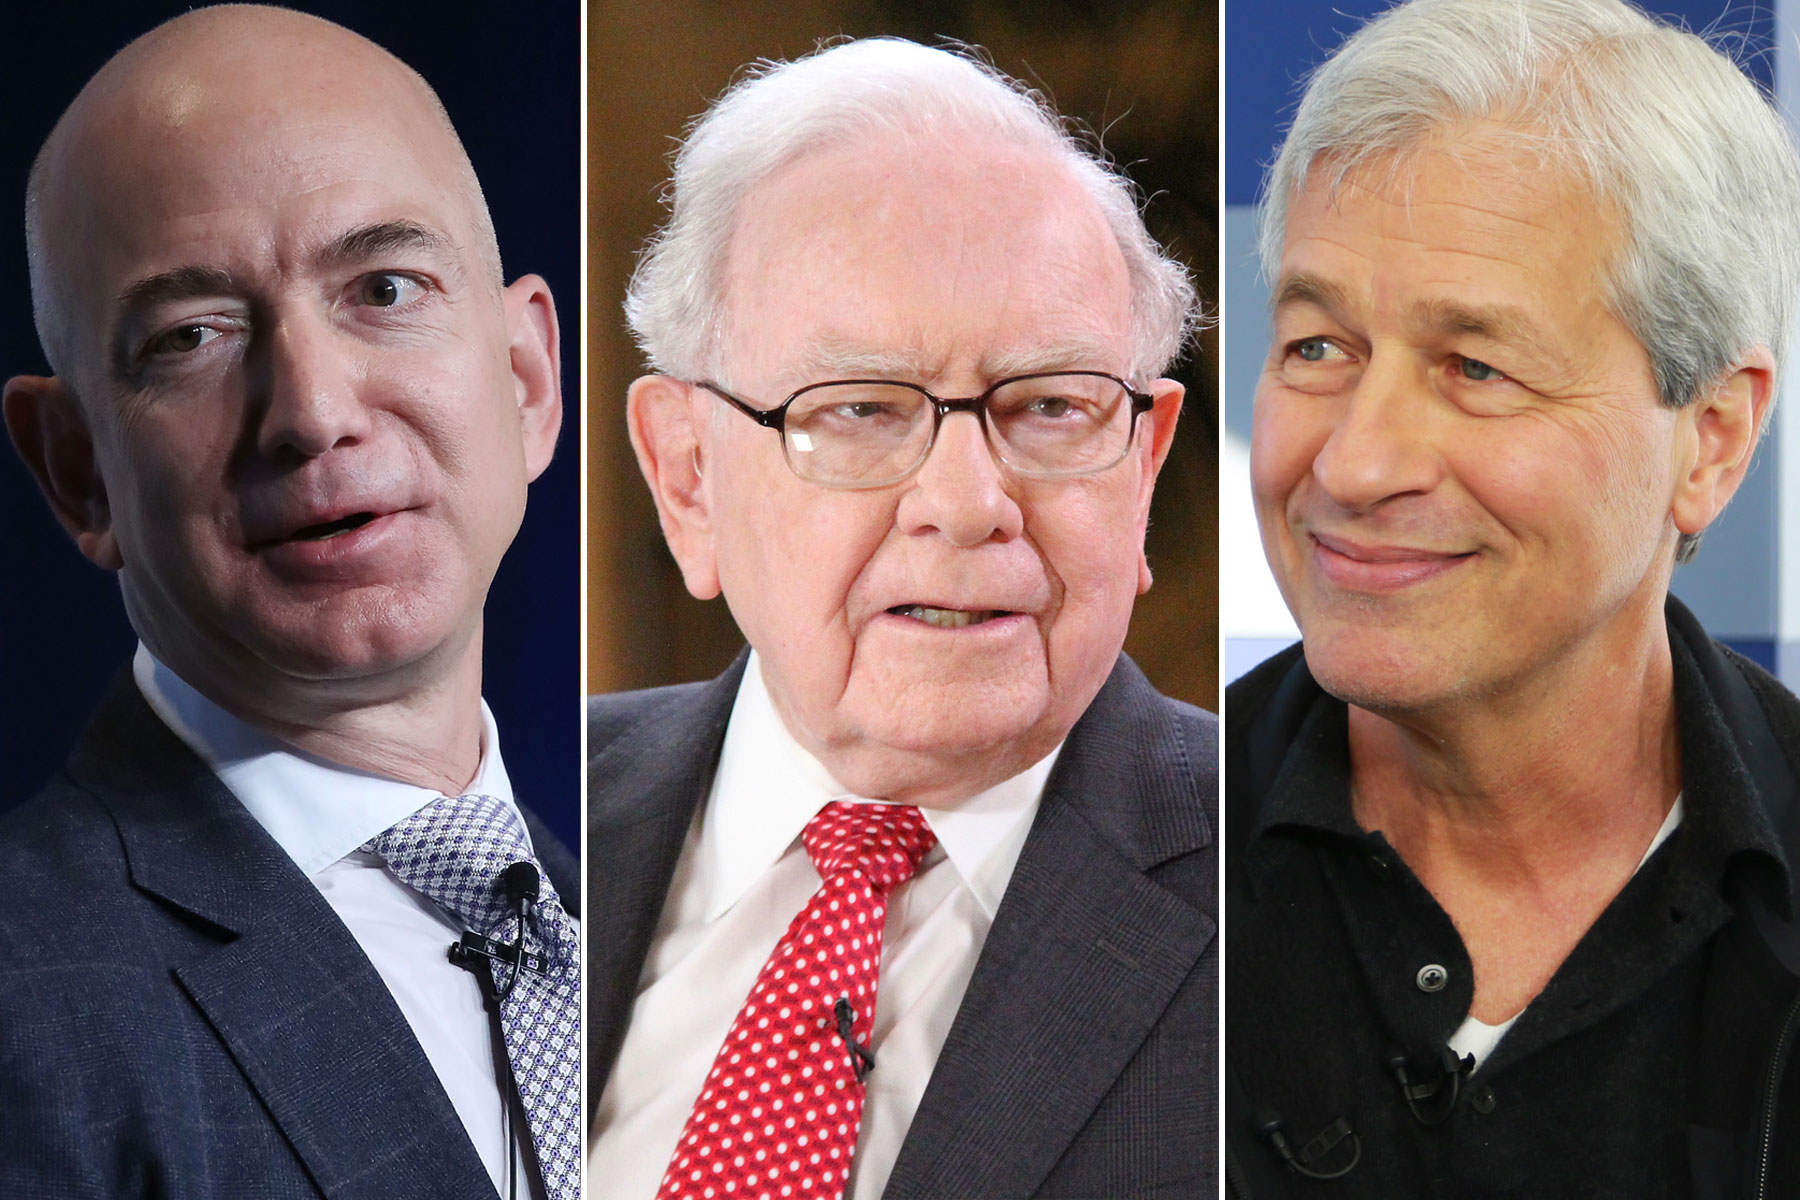 Amazon's Jeff Bezos, Berkshire Hathaway's Warren Buffett, JPMorgan Chase's Jamie Dimon